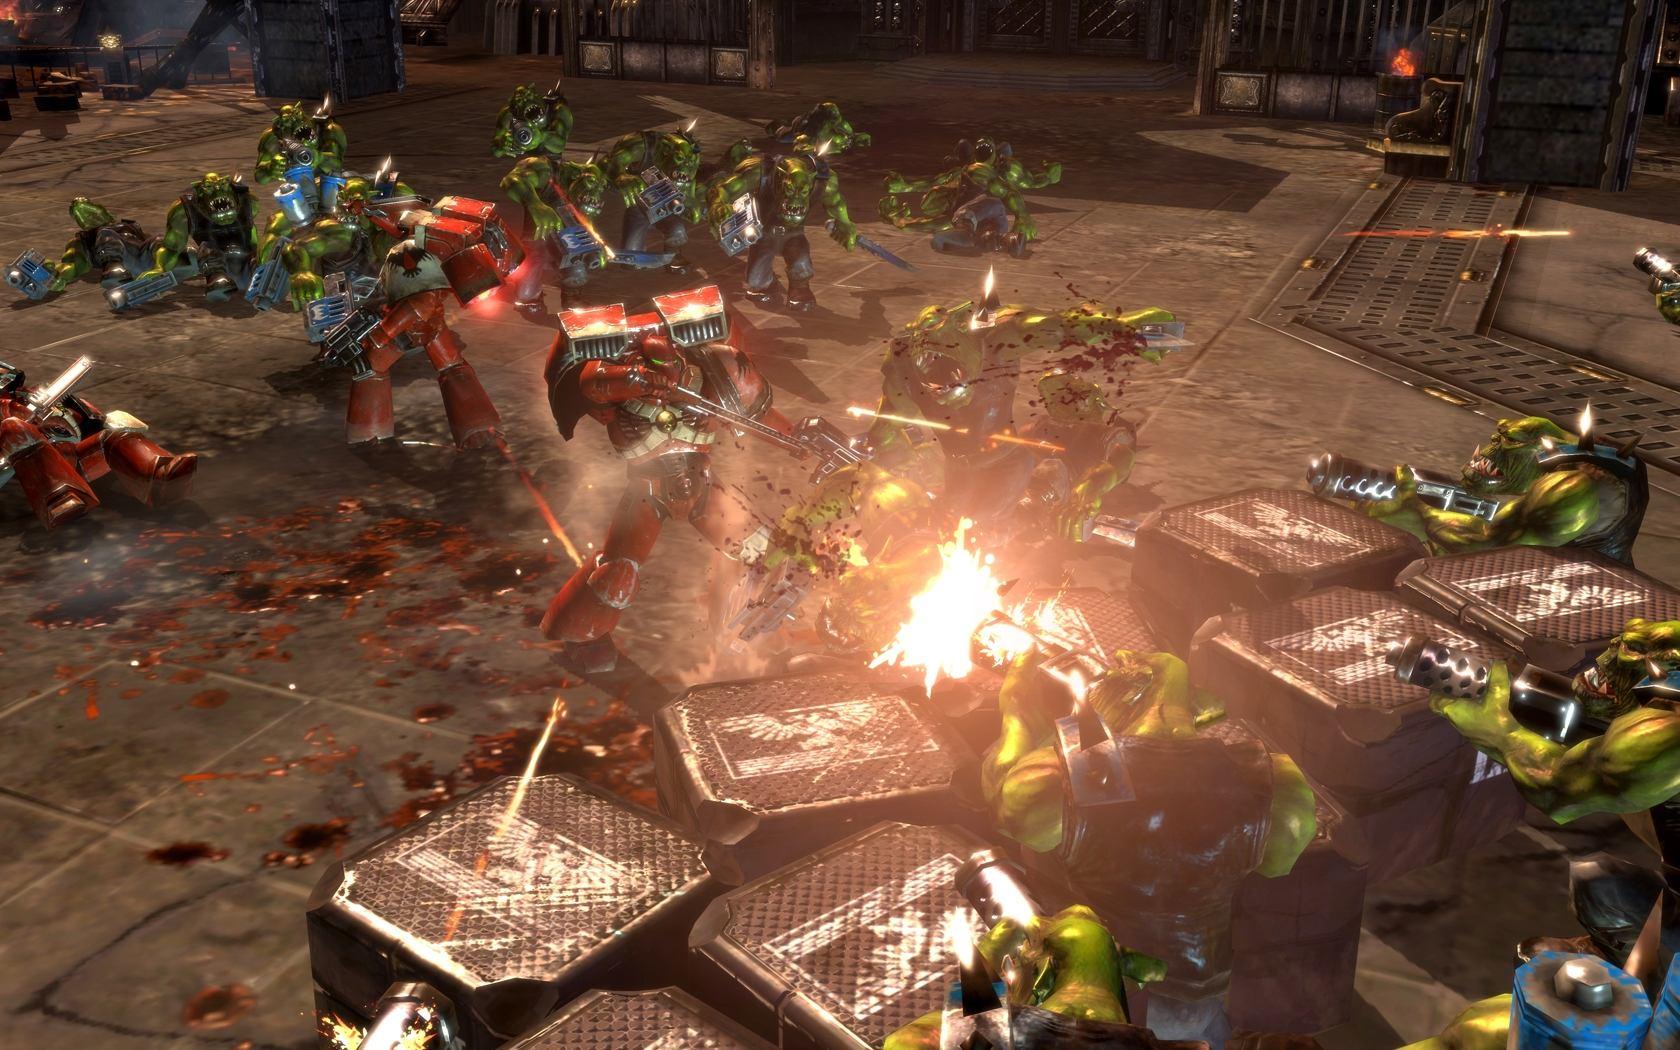 ПОМОГИТЗЫКОМ! : Warhammer 40,000: Dawn of War 99